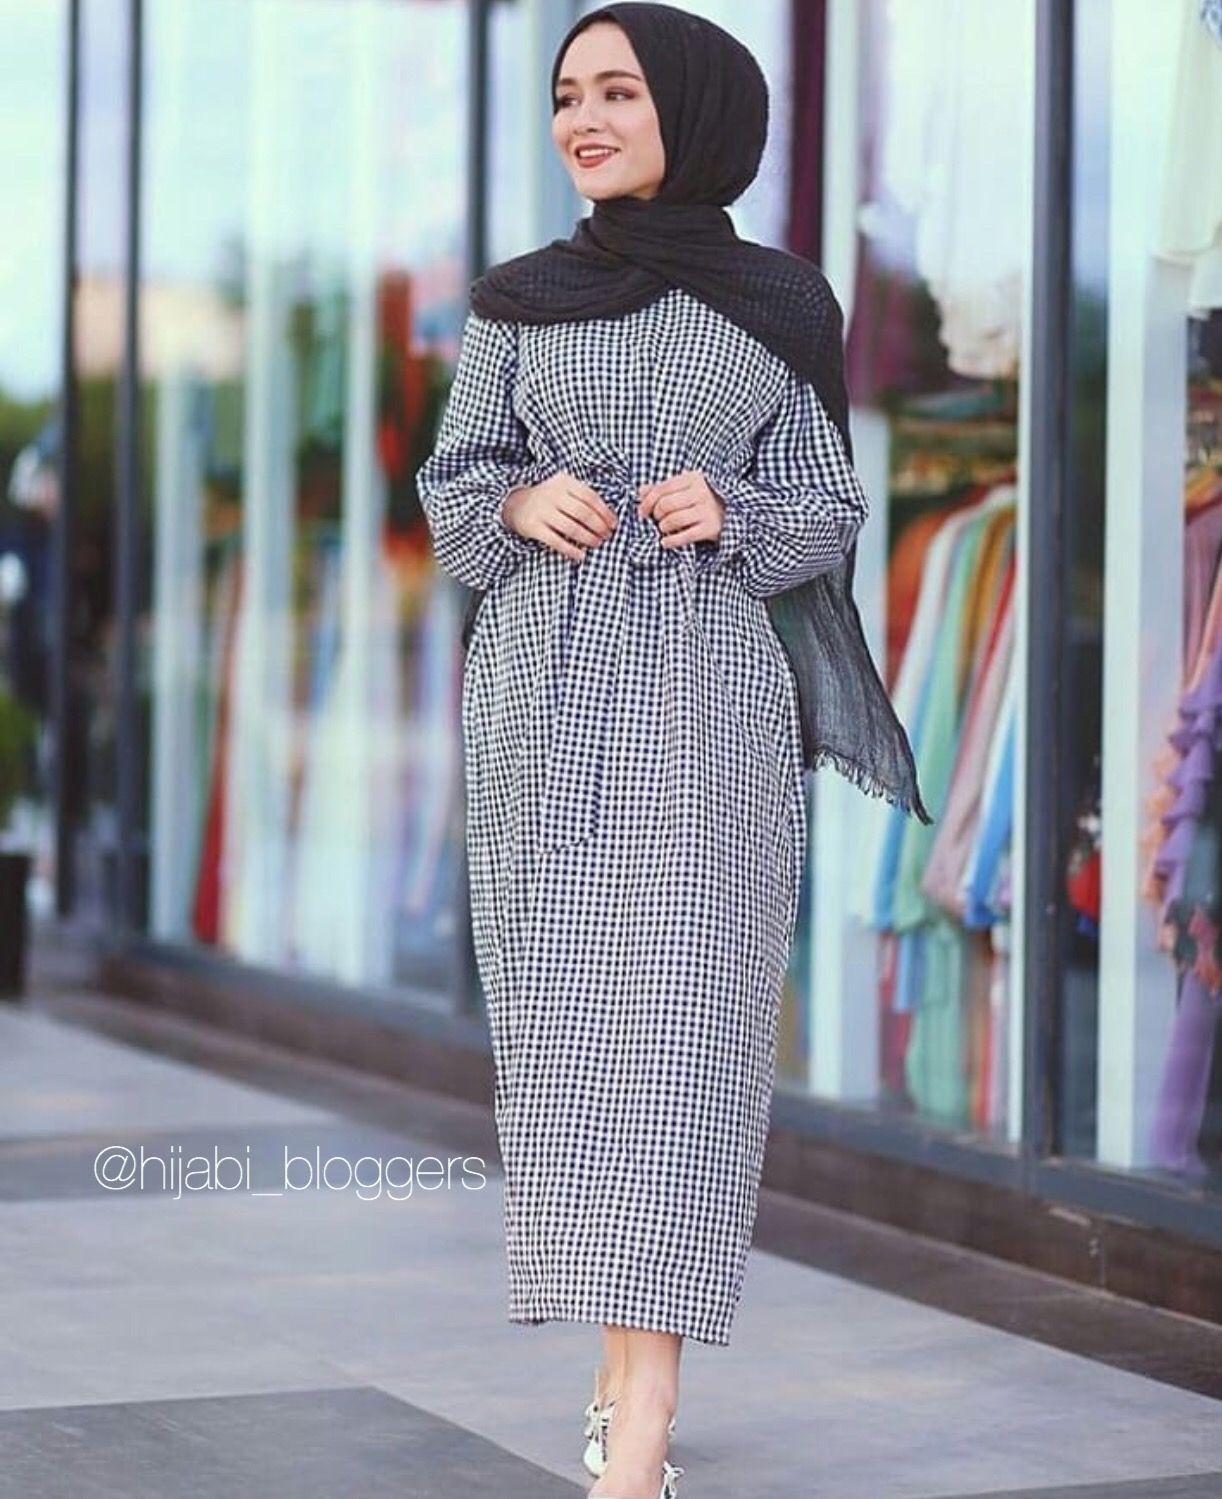 Fashion: Hijabi Fashion In 2019